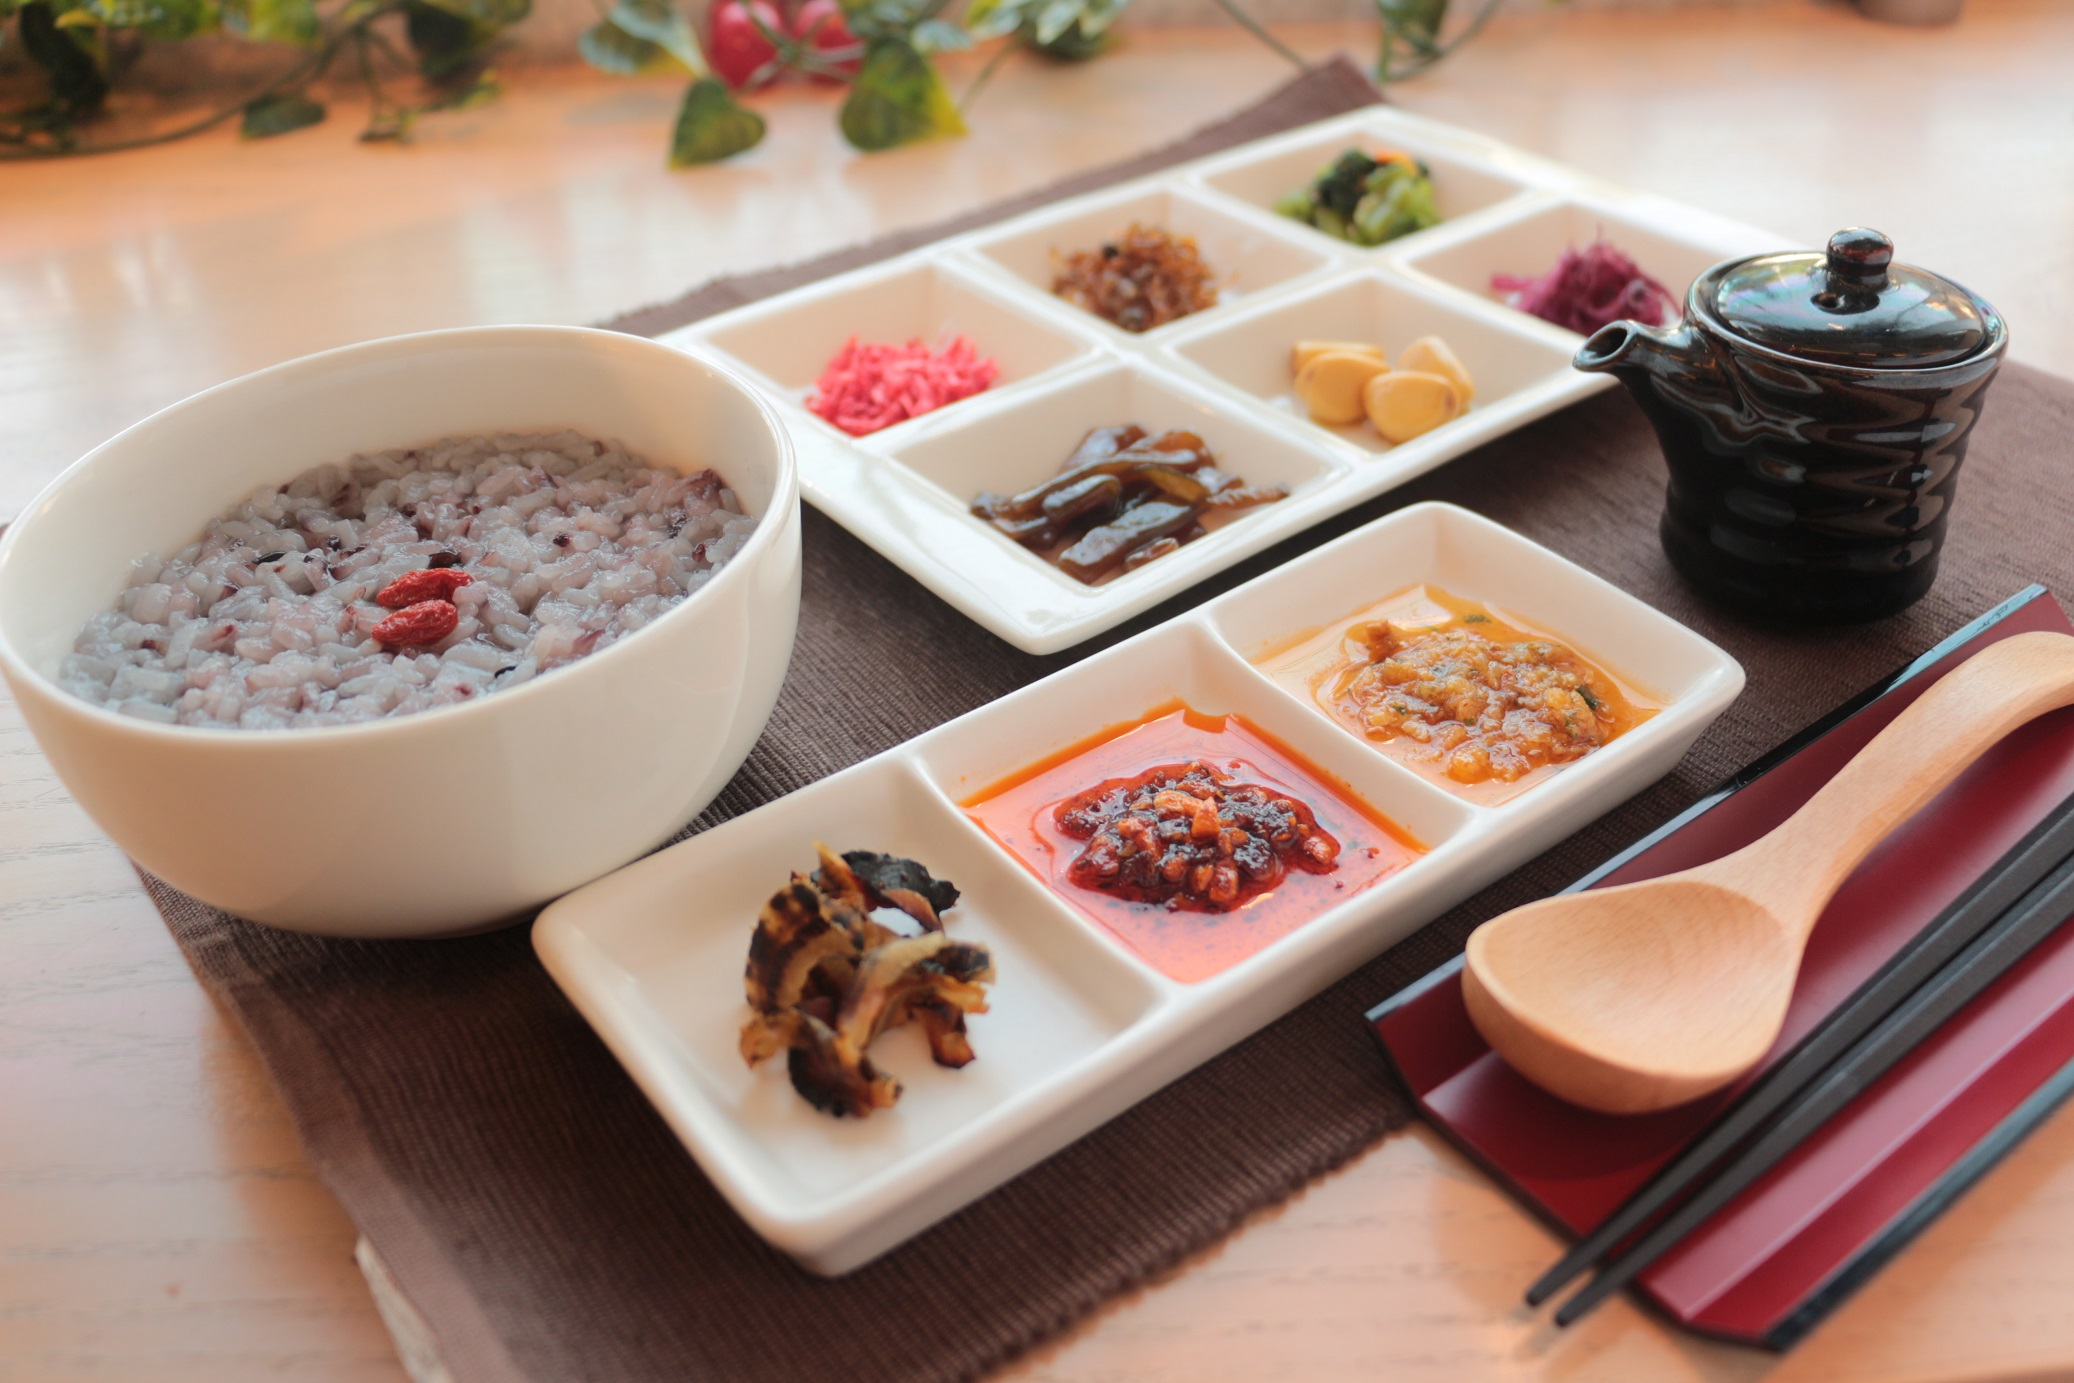 徳島で今すぐ食べられる「薬膳がゆ」を食べて、体をあたためて寒さ対策!